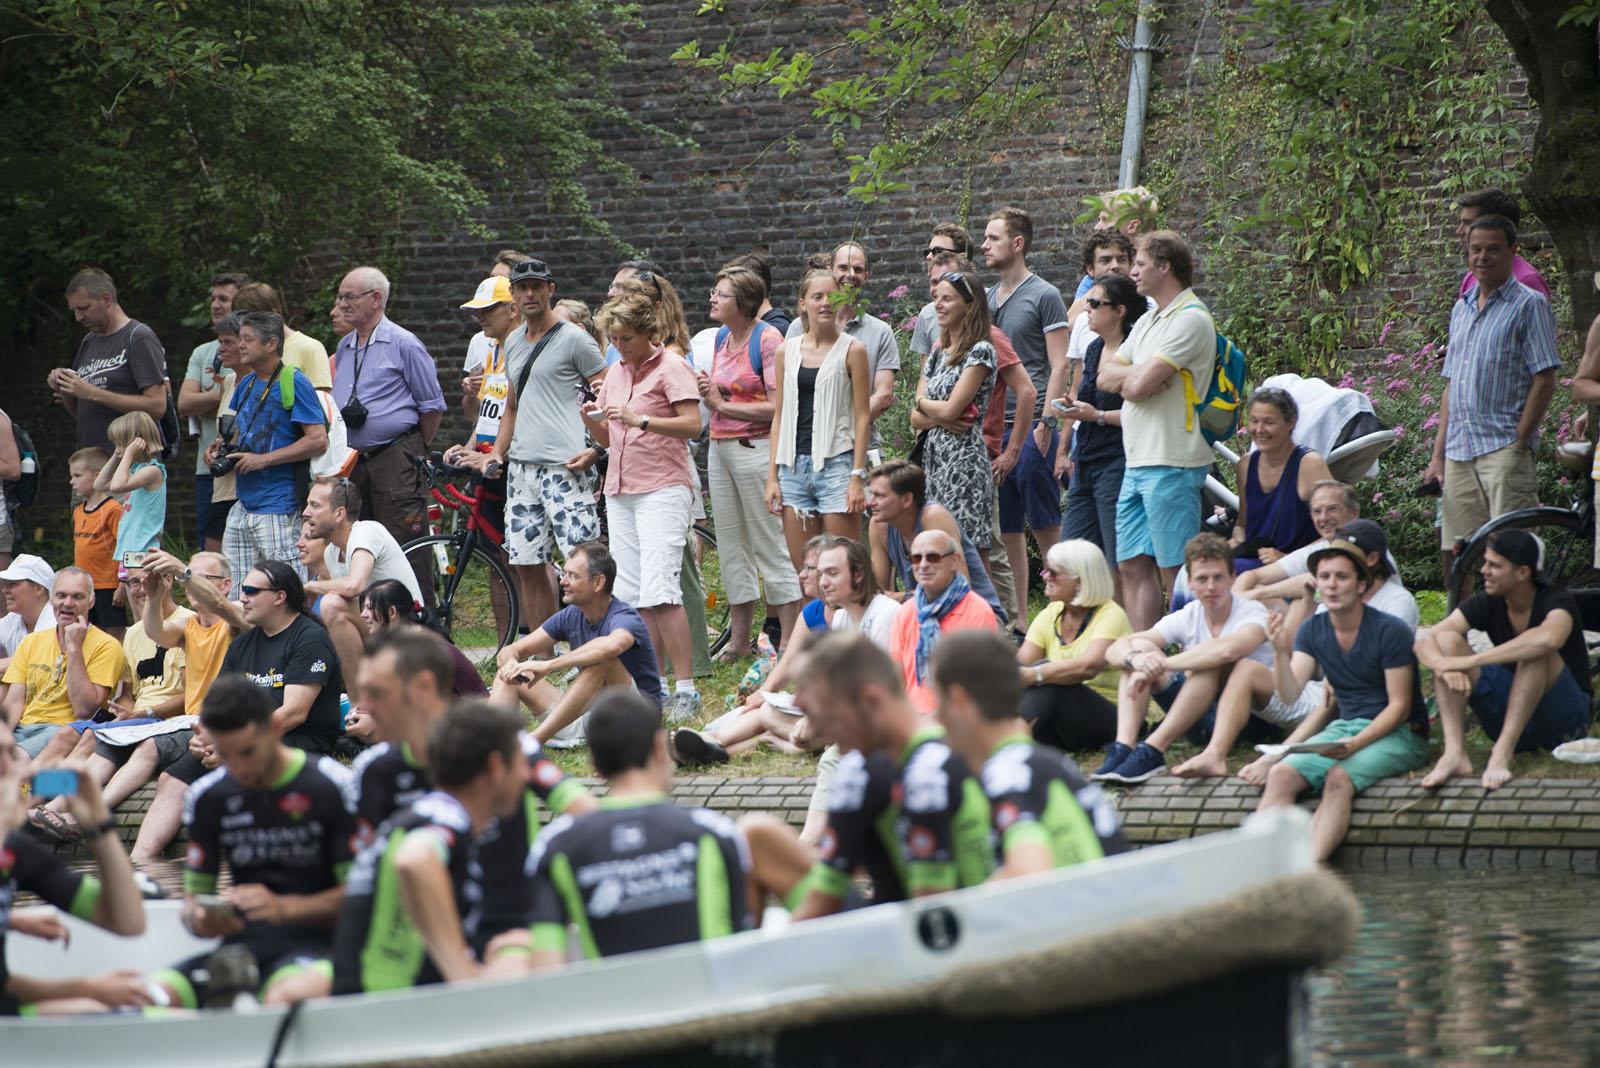 Ploegenpresentatie, wielrenners komen aan met de boot.